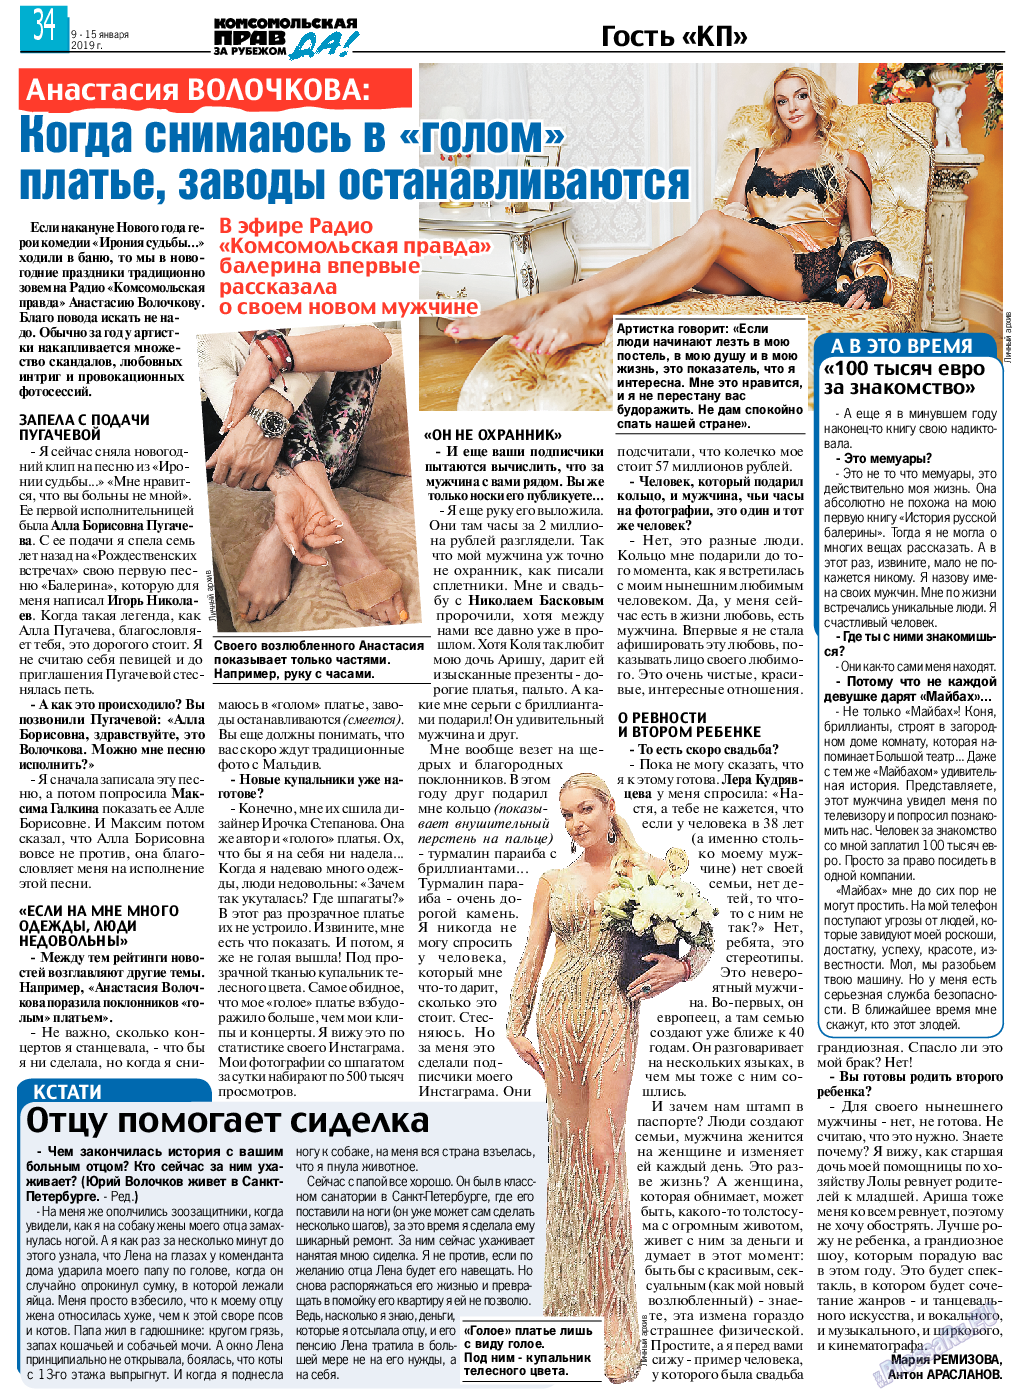 КП в Европе (газета). 2019 год, номер 2, стр. 34